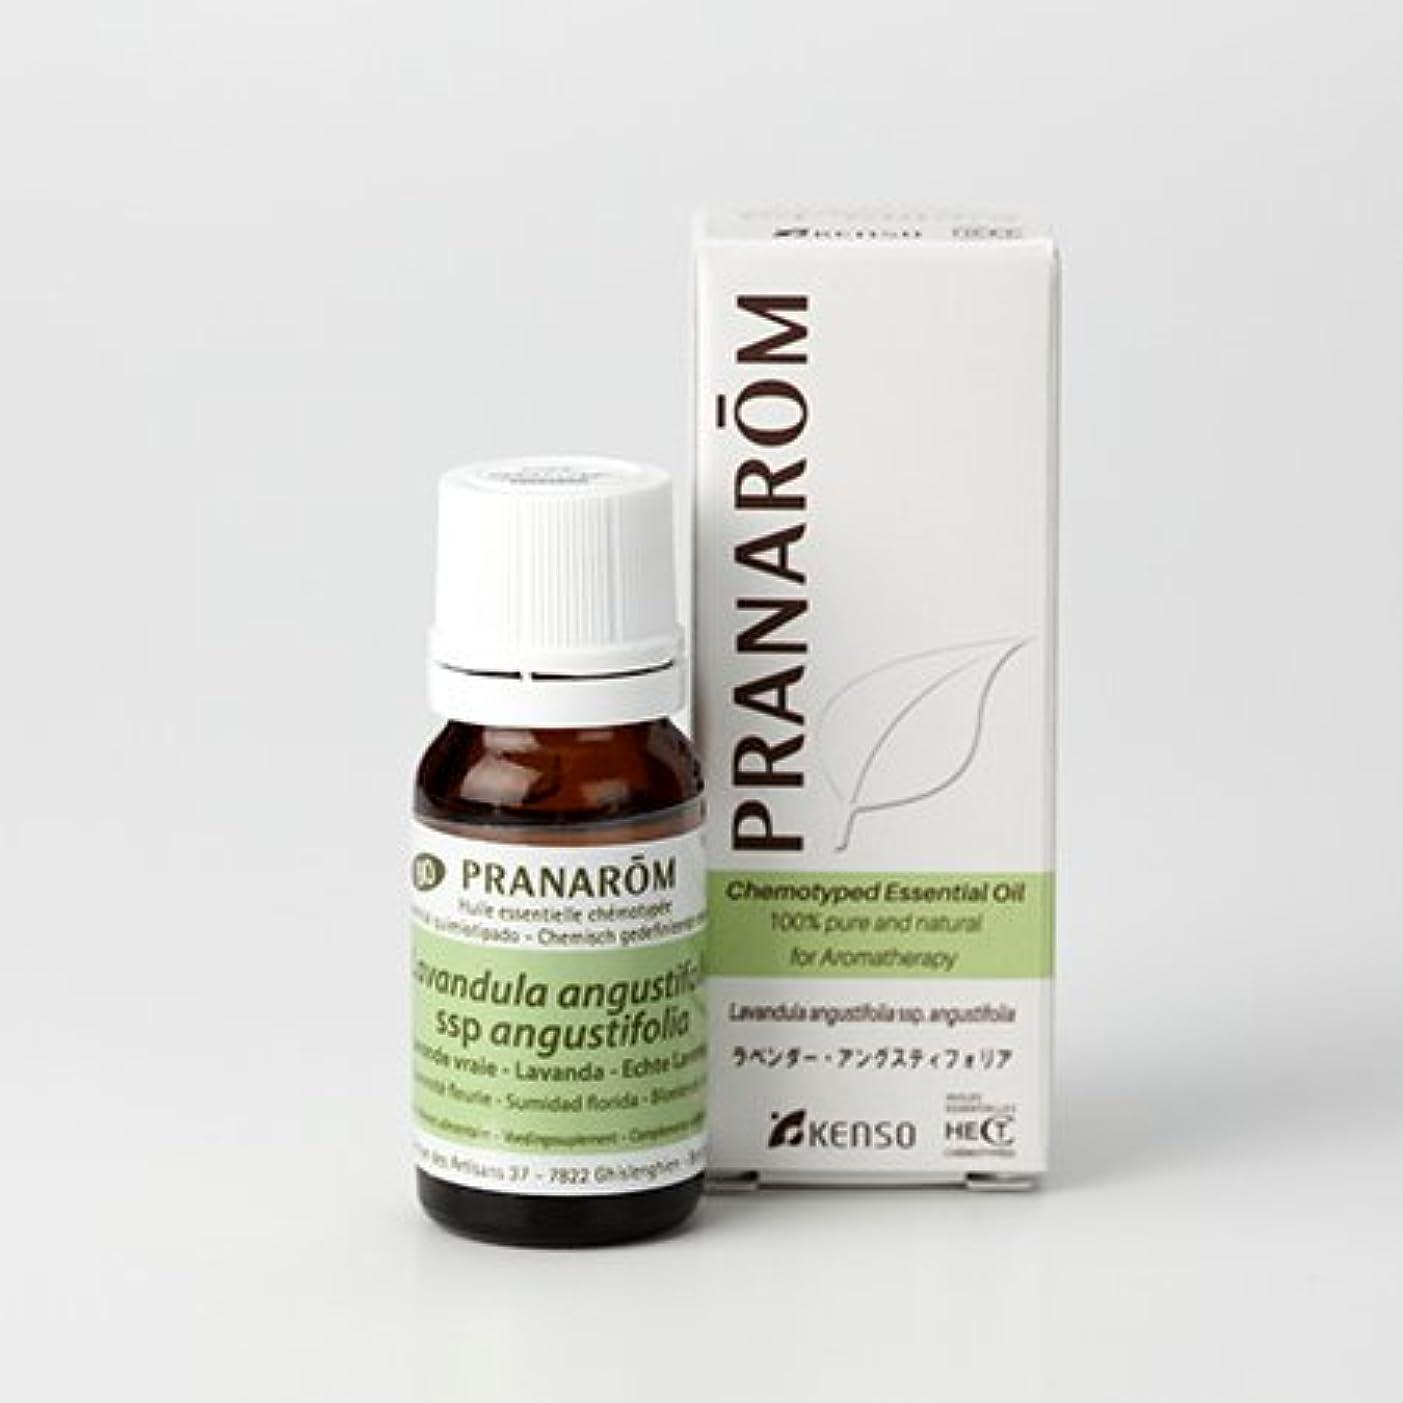 懐疑的容赦ない散歩に行くプラナロム精油(P-098 ラベンダーアングスティフォリア?10ml)